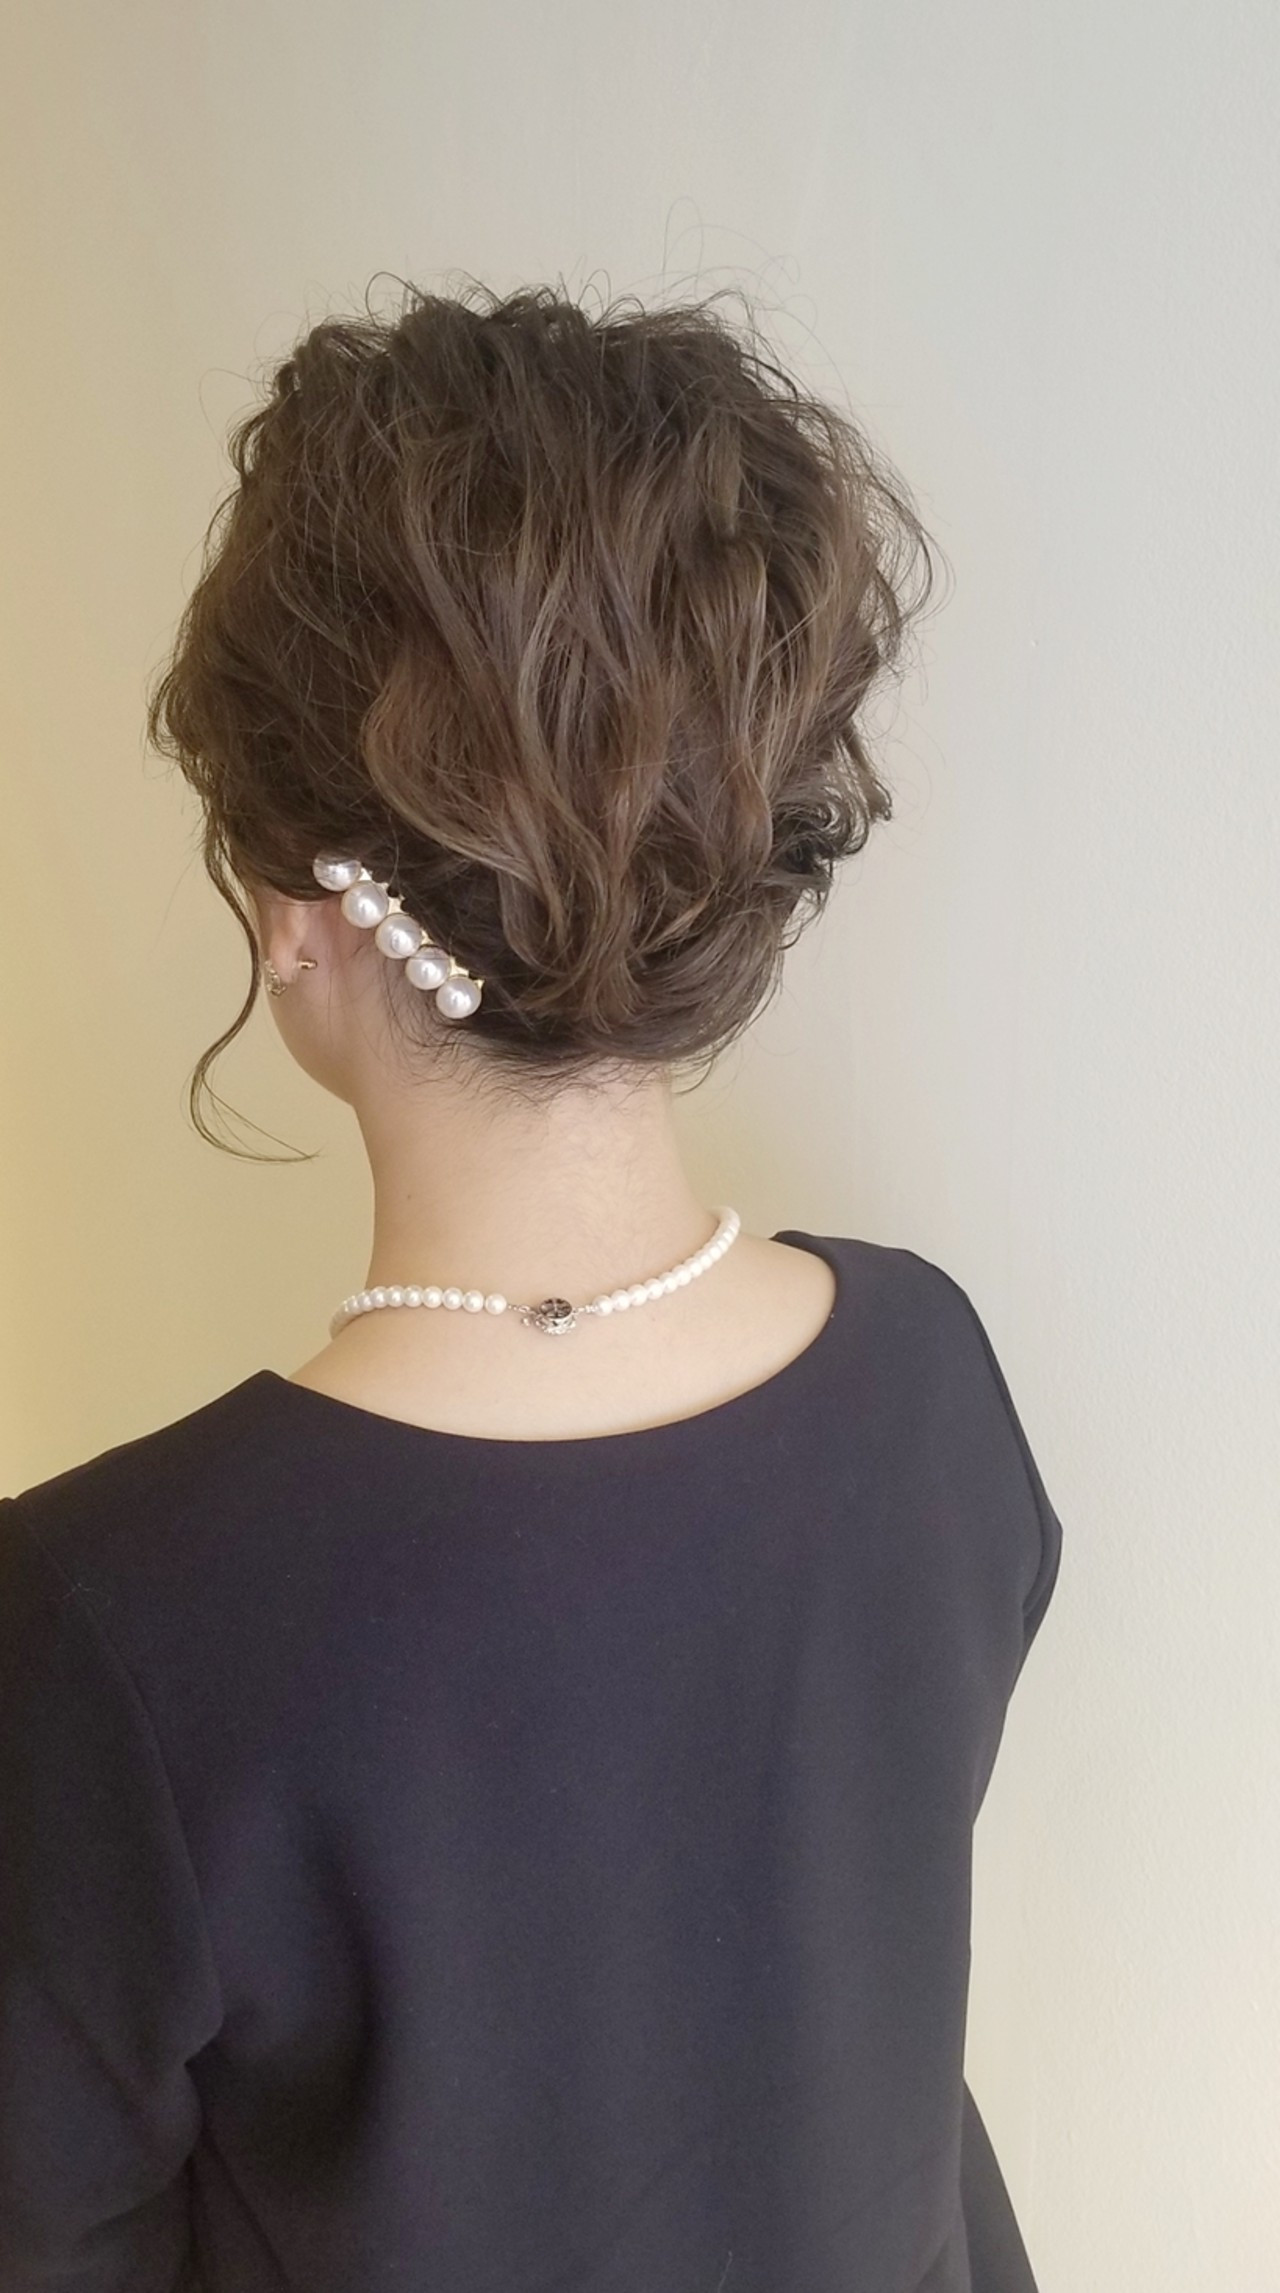 上品 エレガント 結婚式 ボブ ヘアスタイルや髪型の写真・画像